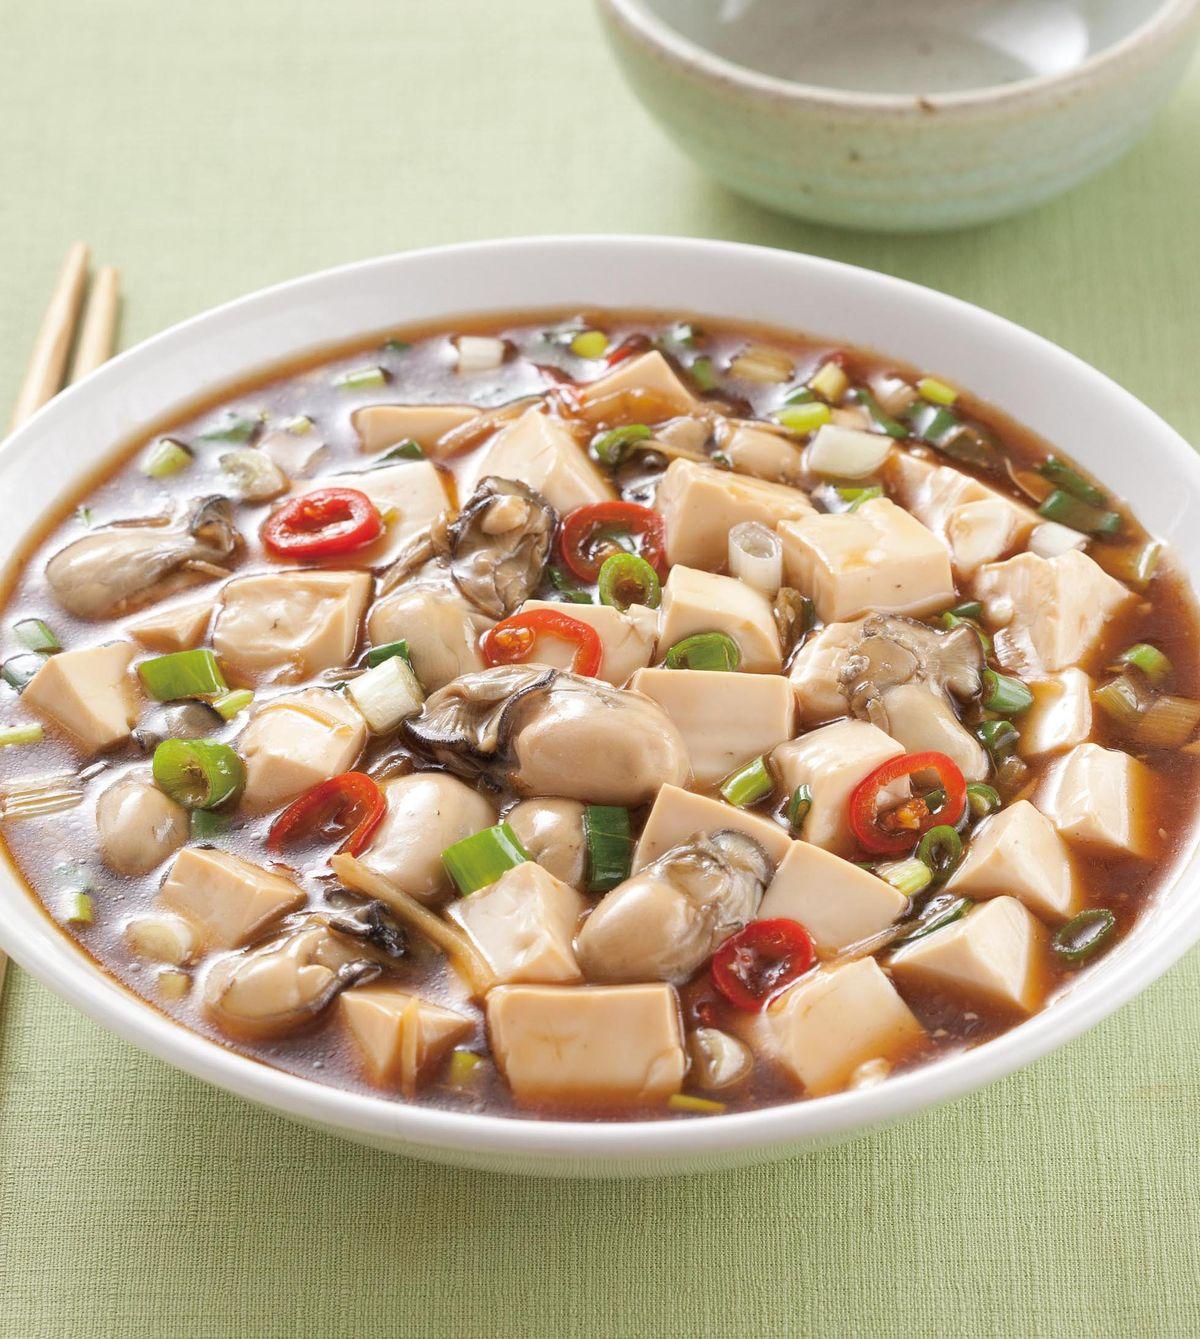 食譜:鮮蚵燴豆腐